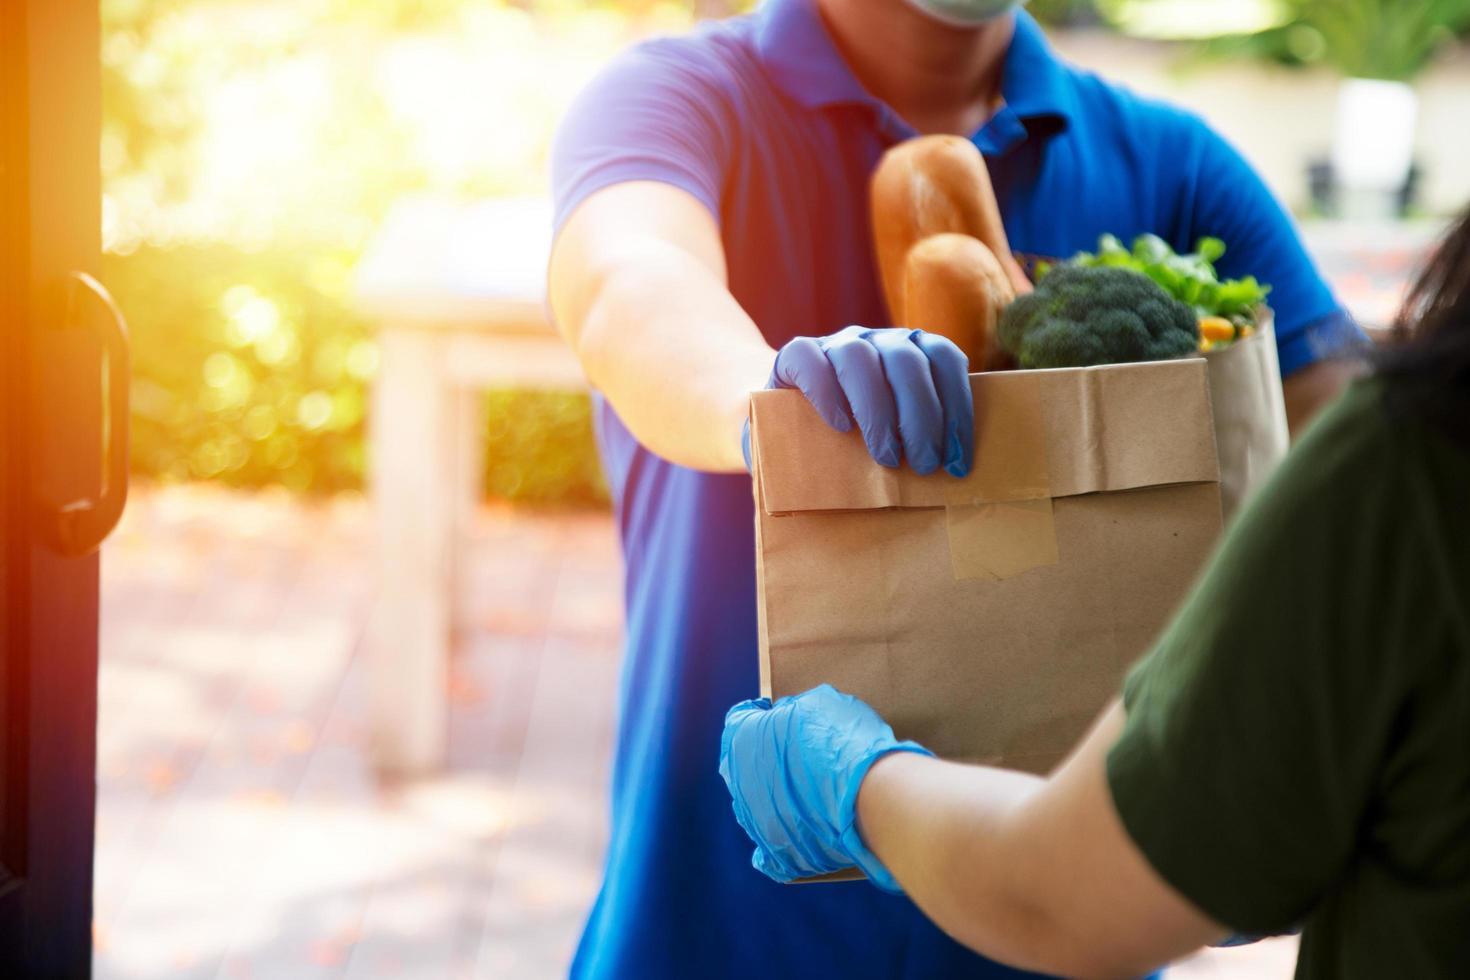 Foodservice-Anbieter mit Masken und Handschuhen. Zu Hause bleiben reduziert die Ausbreitung des Covid-19-Virus foto